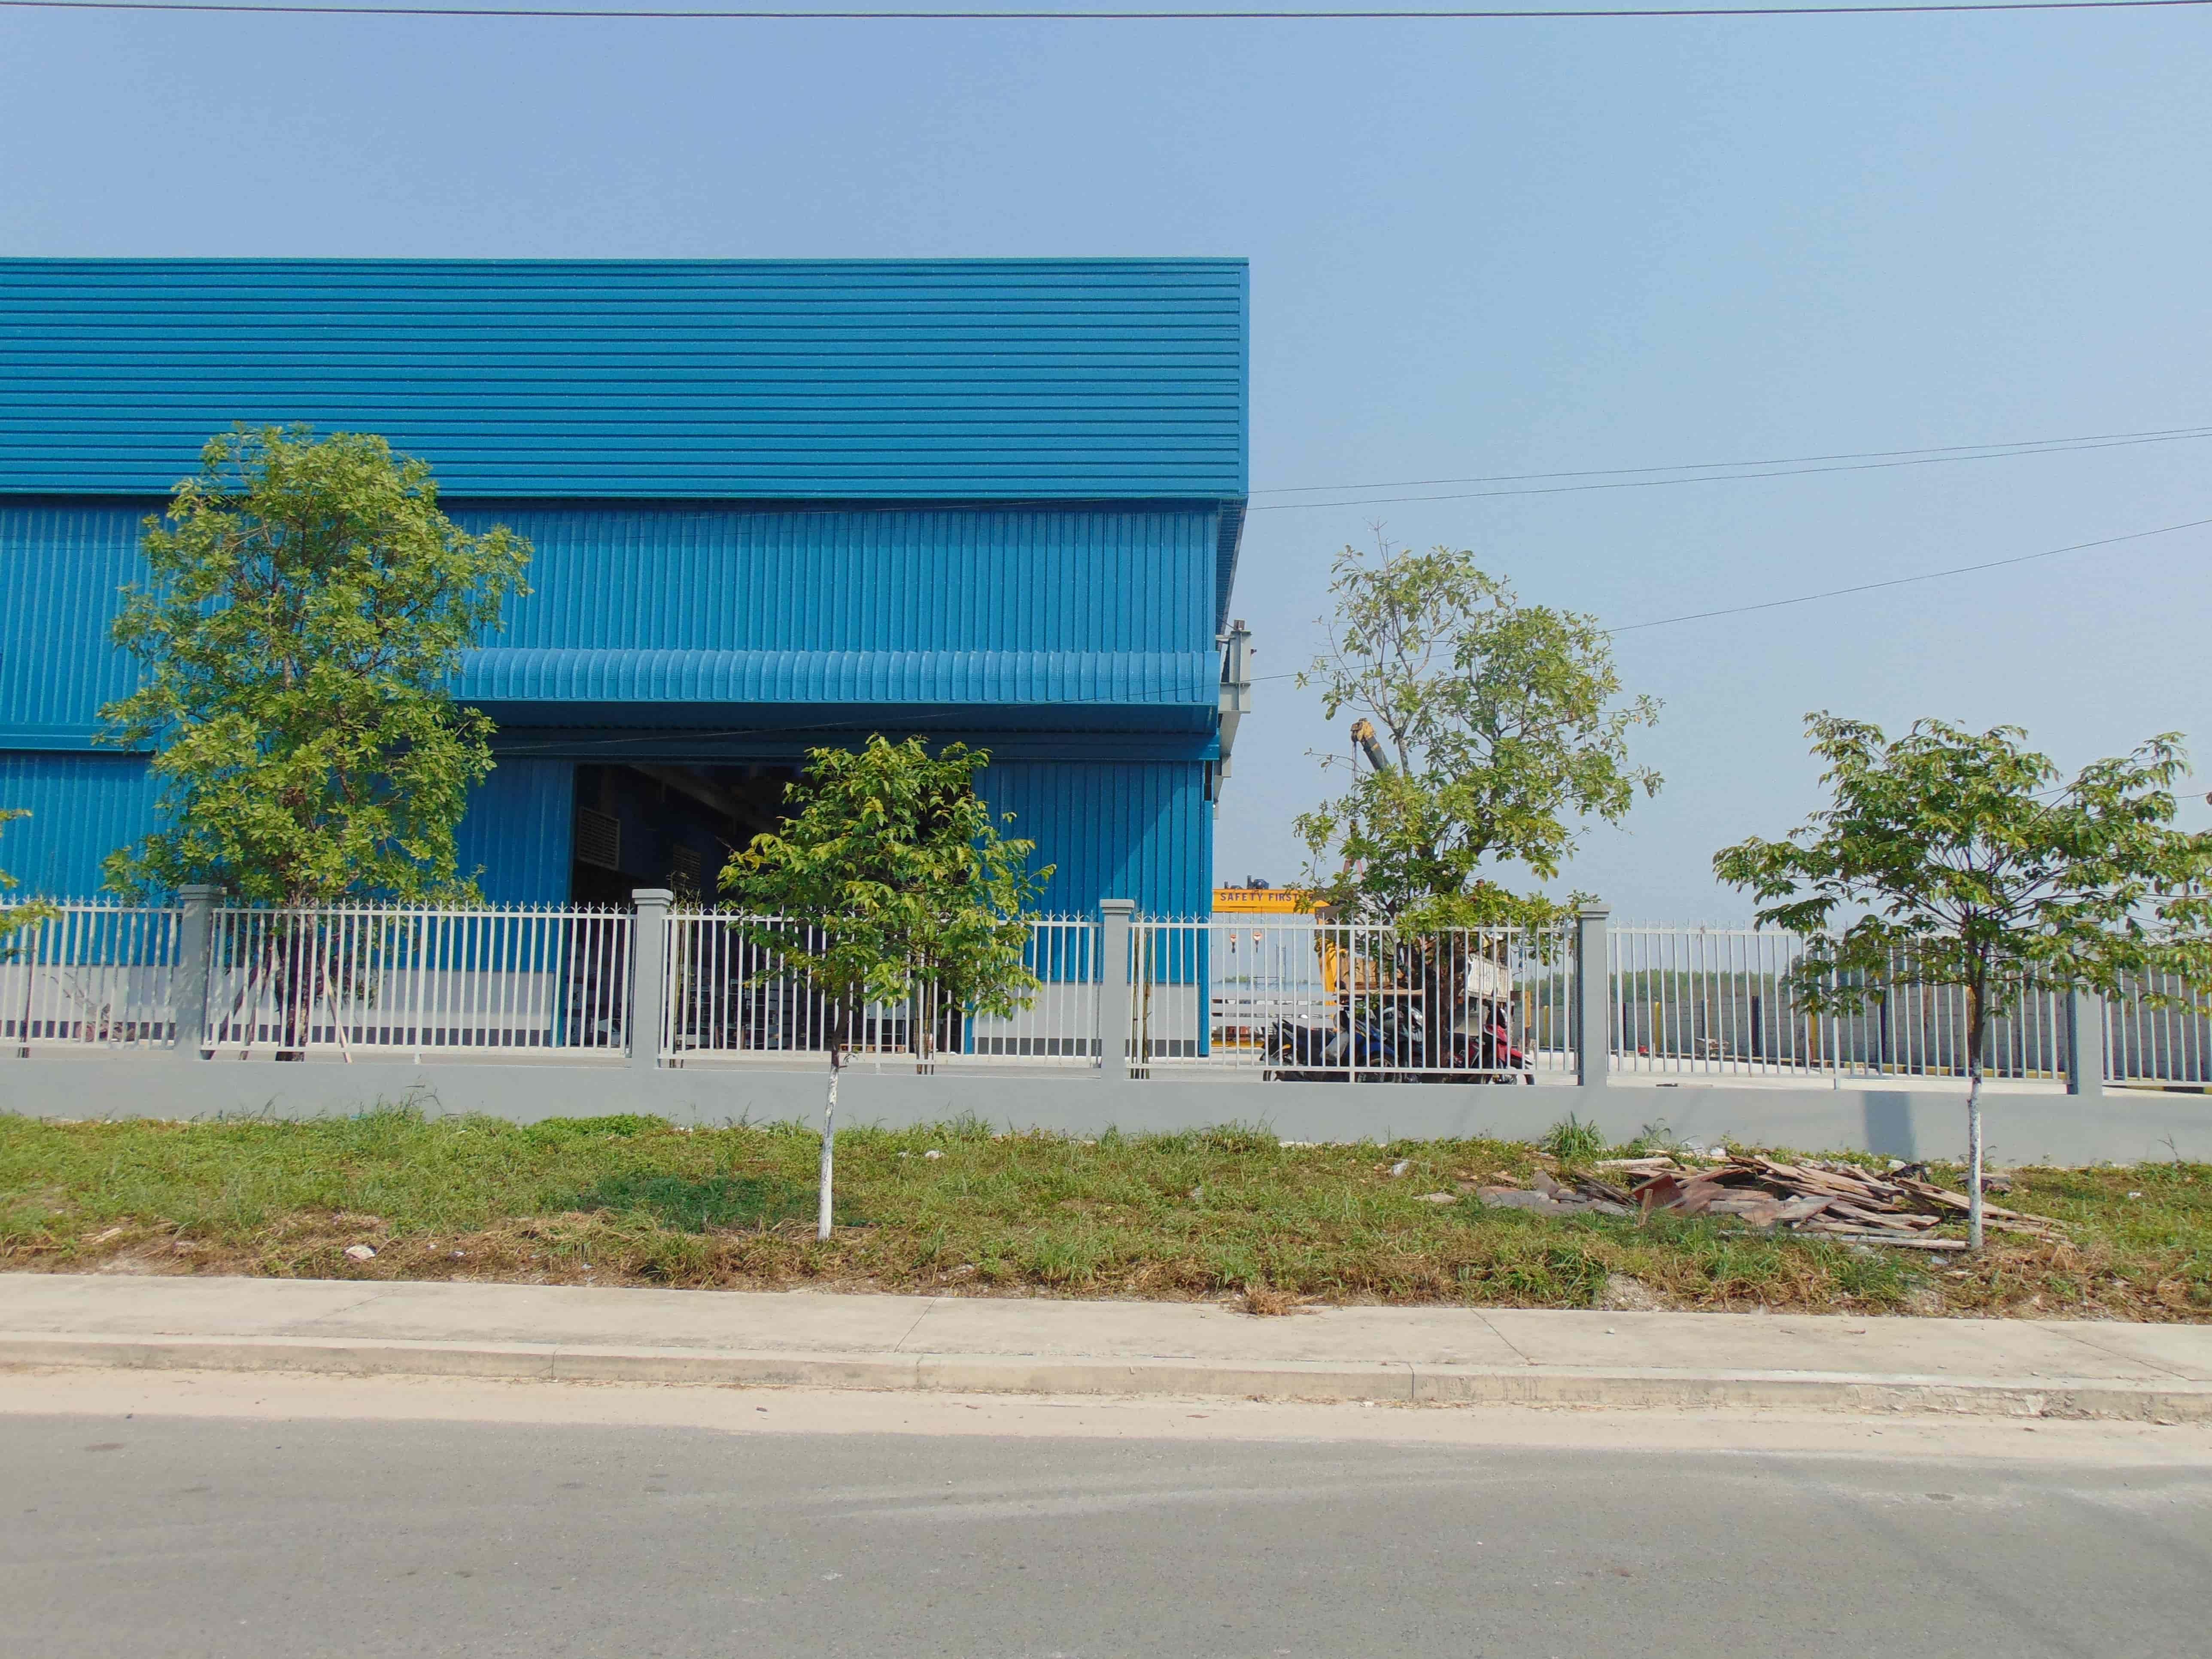 Công ty kết cấu thép Vis - Tiên phong trong giải pháp công nghệ